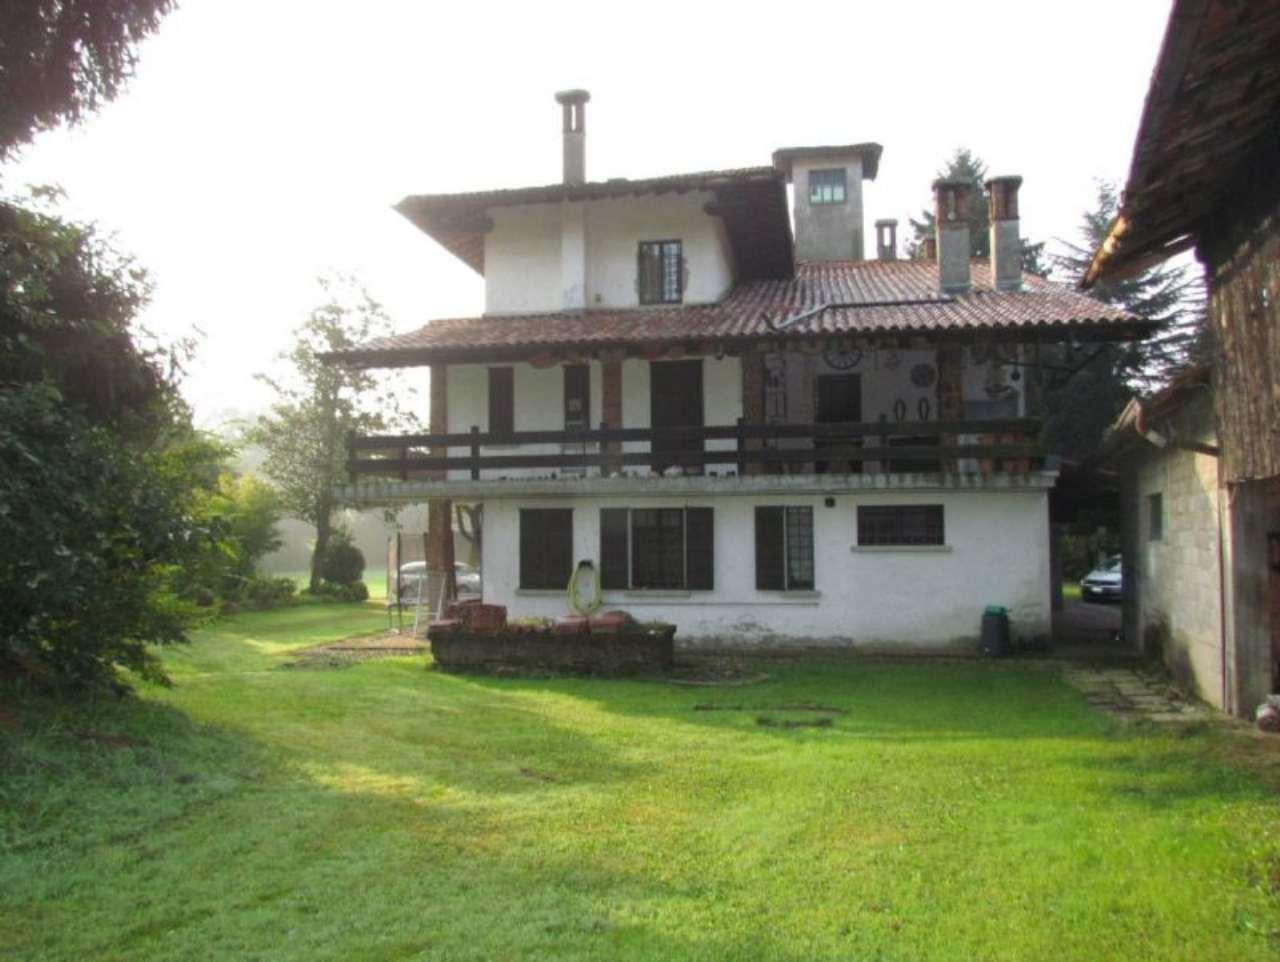 Appartamento in affitto a Locate Varesino, 2 locali, prezzo € 600 | Cambio Casa.it